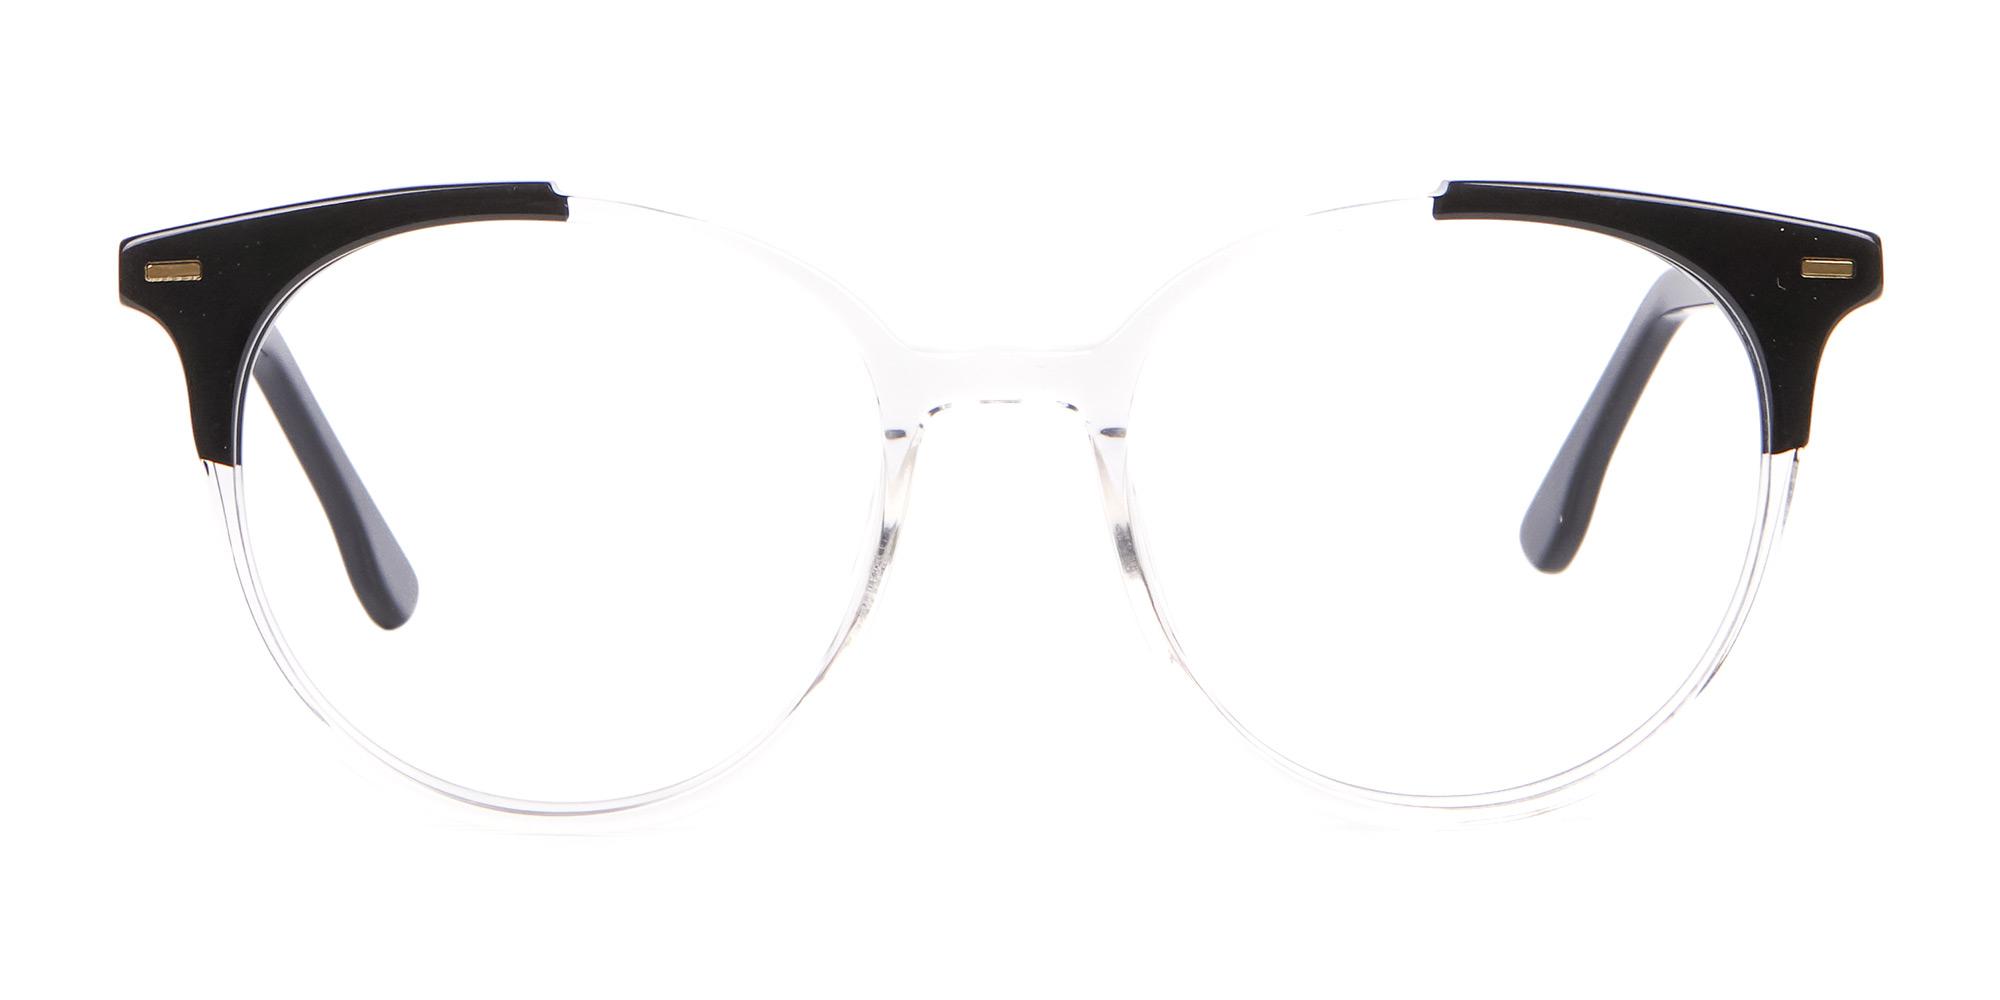 Translucent Black Glasses in Round